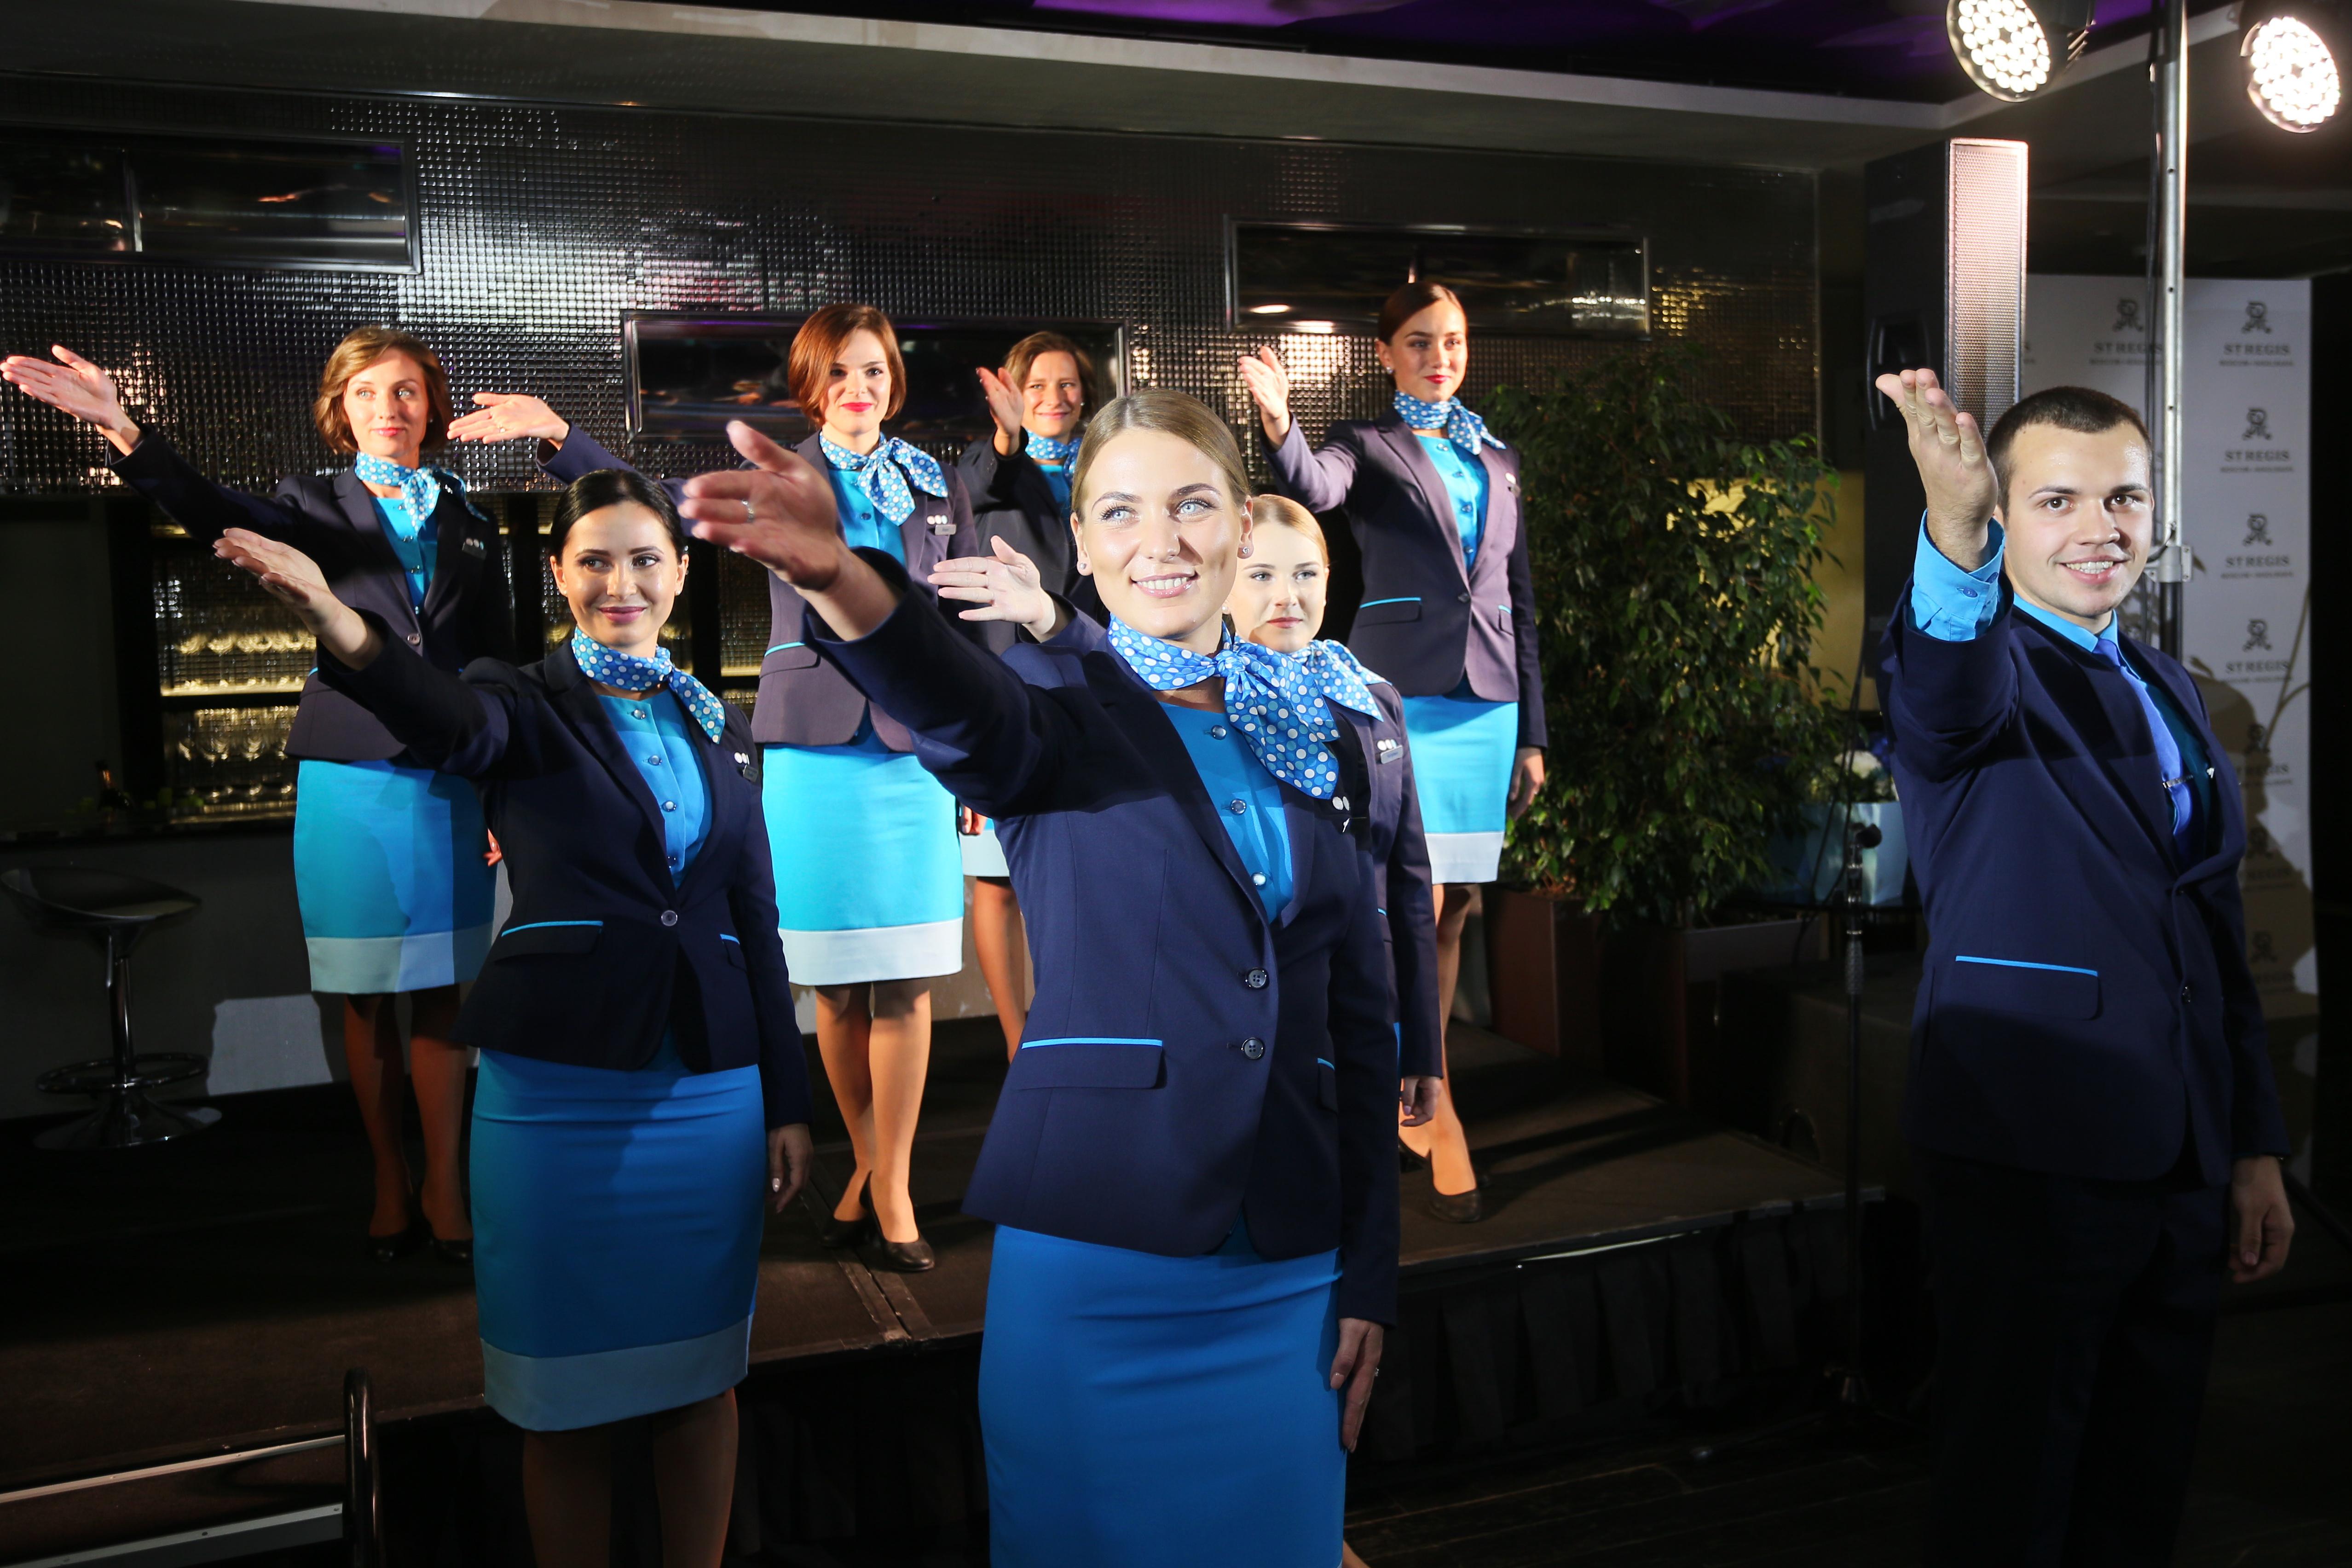 Восемь бортпроводников теперь будут представлять российскую бюджетную авиакомпанию на всех официальных мероприятиях в течение года